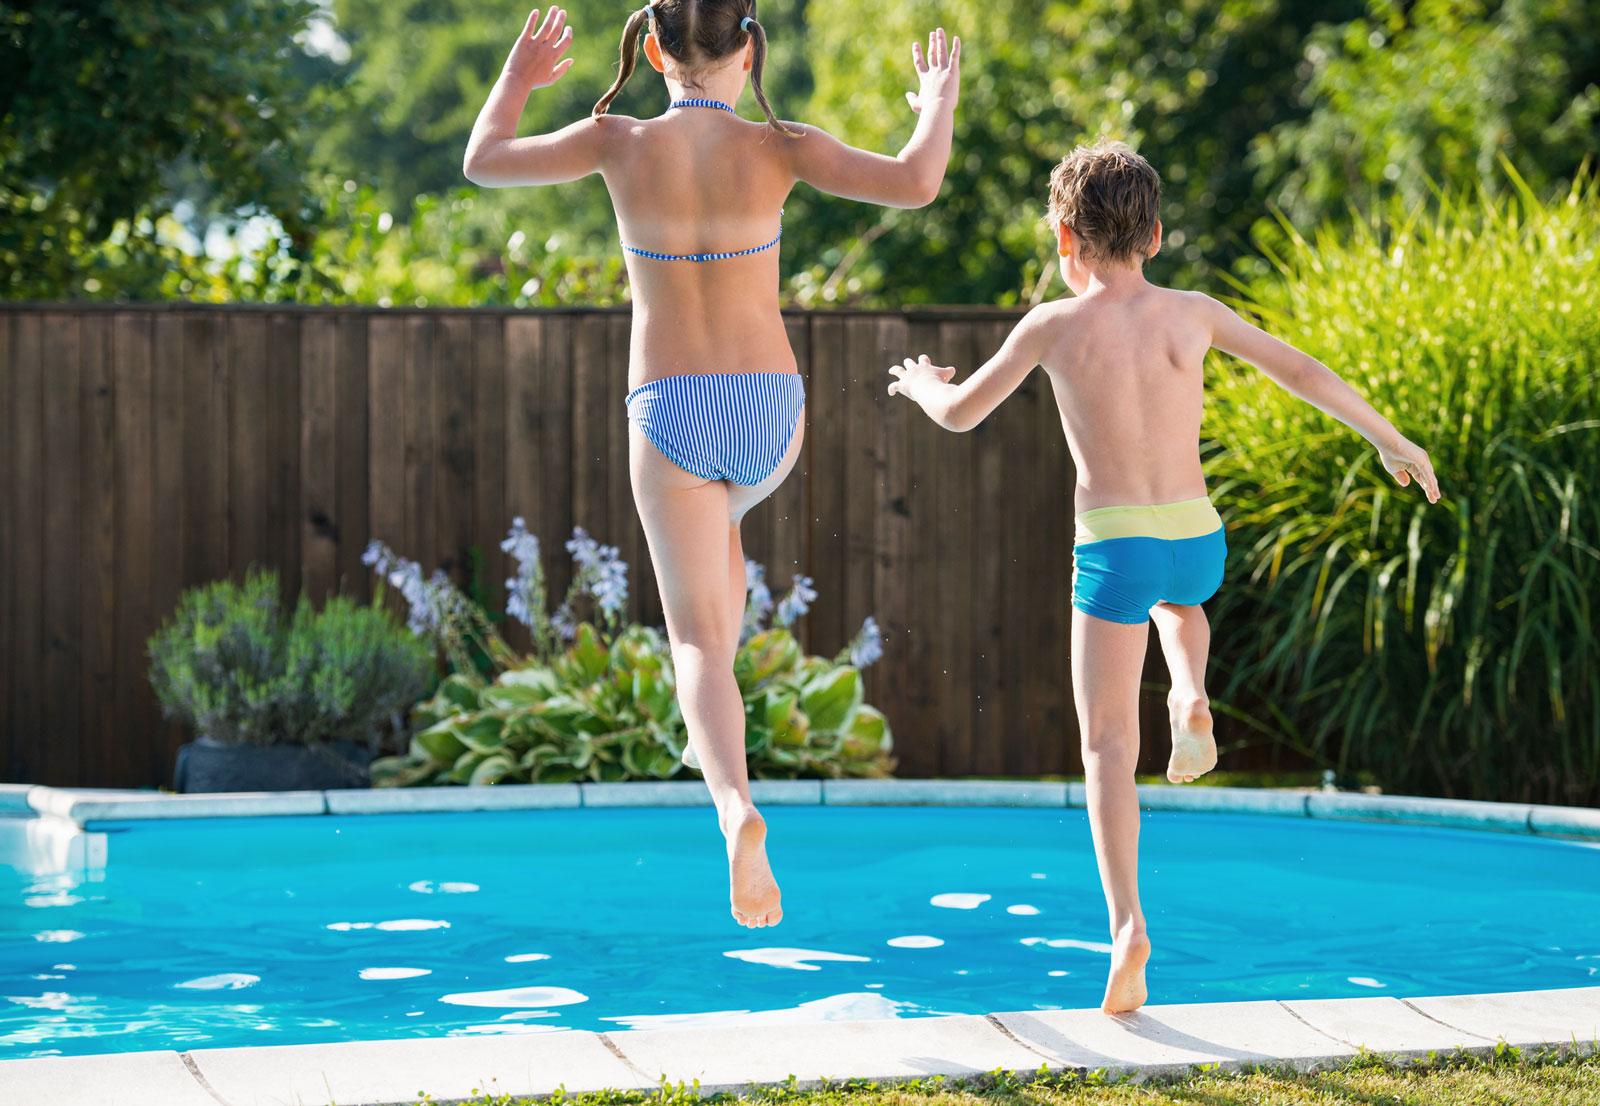 Gartenspaß: Mit einem Pool im Garten lässt sich das kühle Nass ohne lange Fahrten genießen.